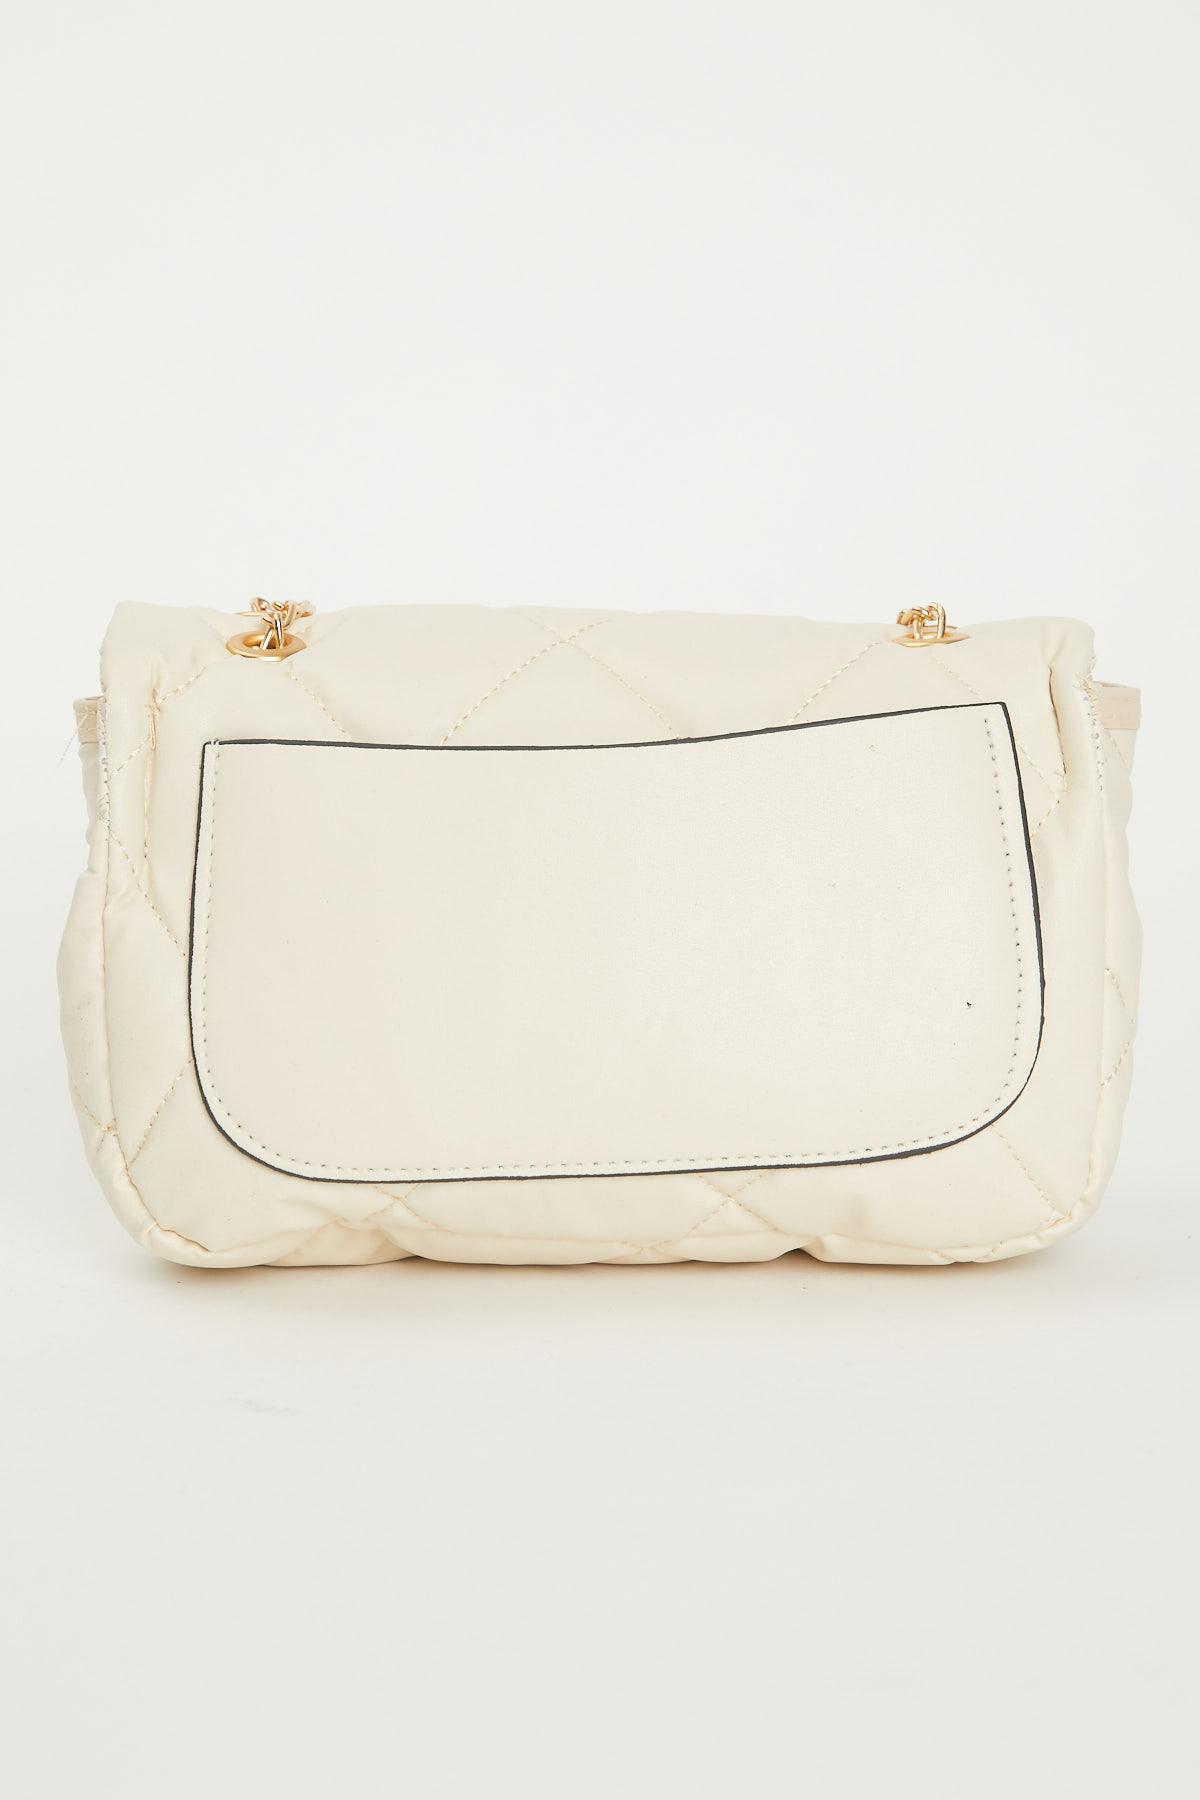 حقيبة كروس بودي مبطنة كريمي مفصلة بسلسلة نسائية